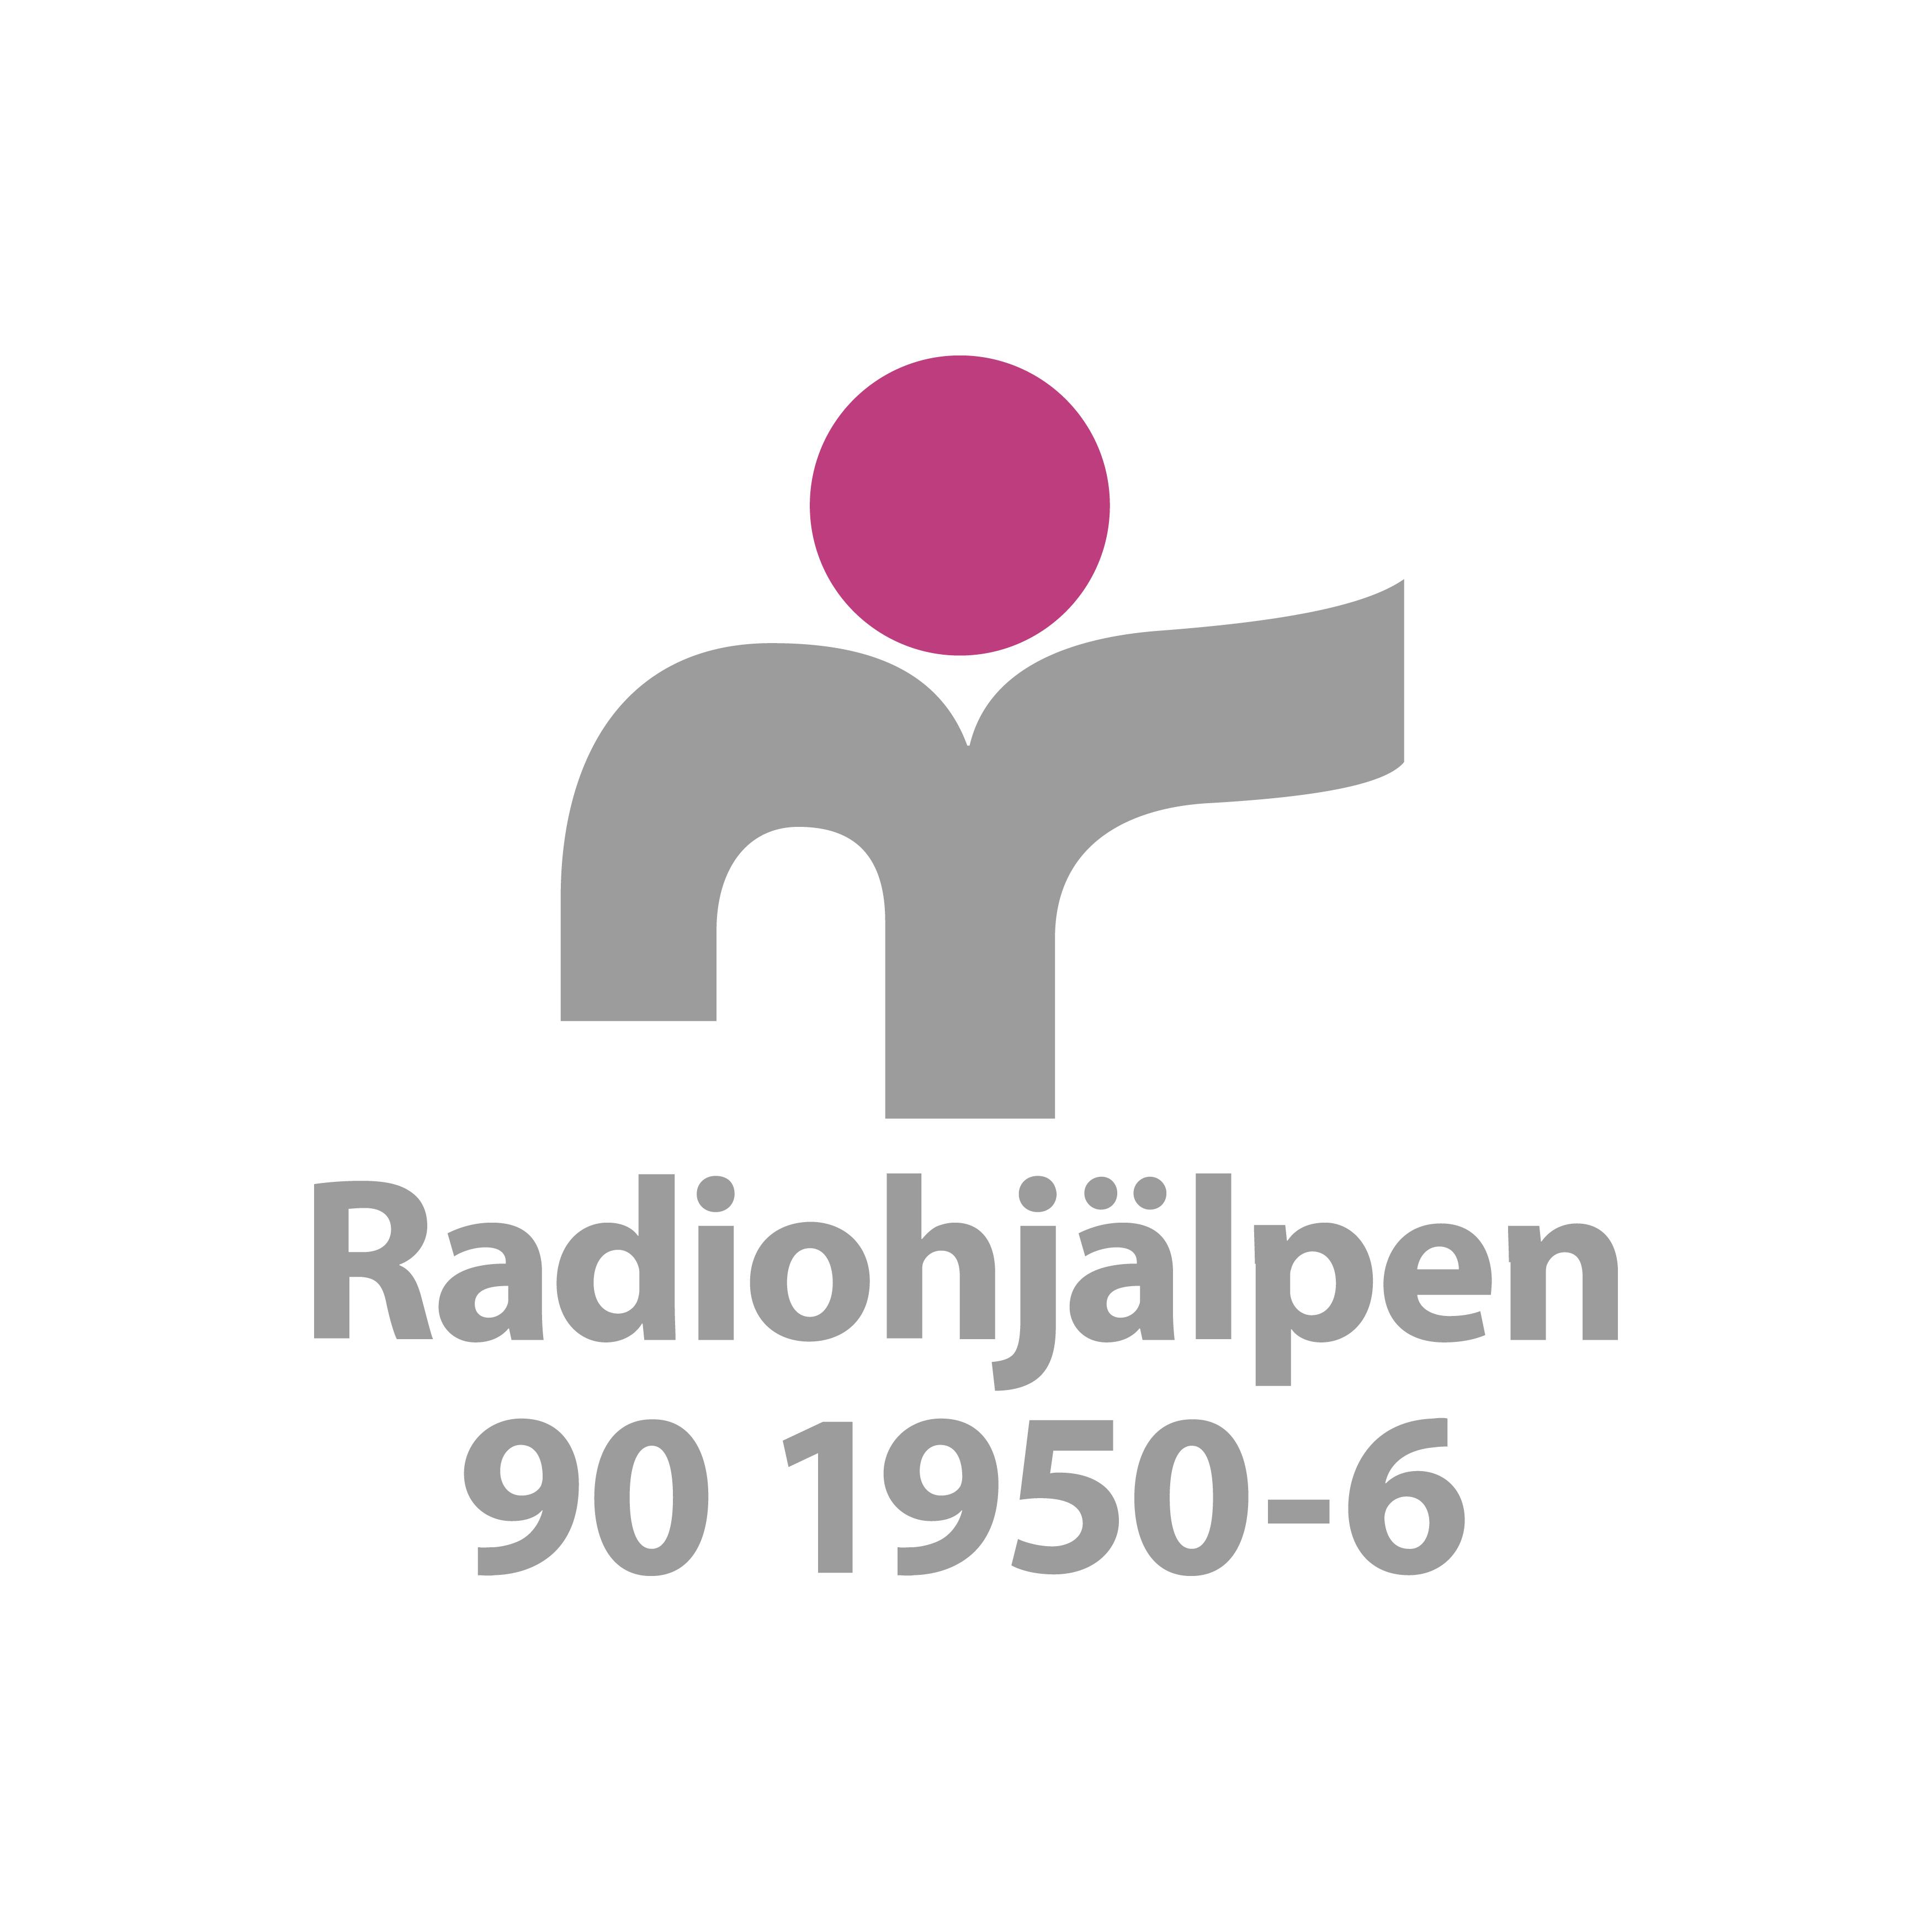 radiohjalpen